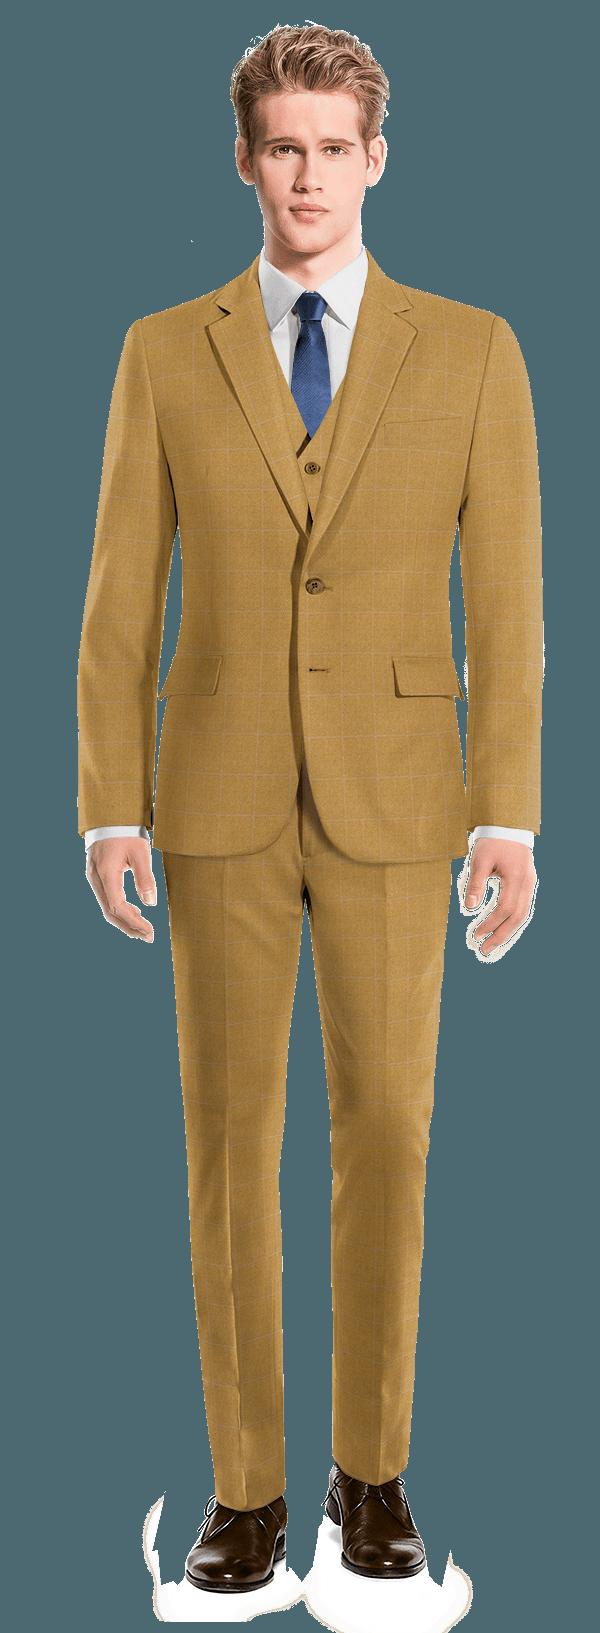 Abito 3 pezzi marrone a quadri 100% lana